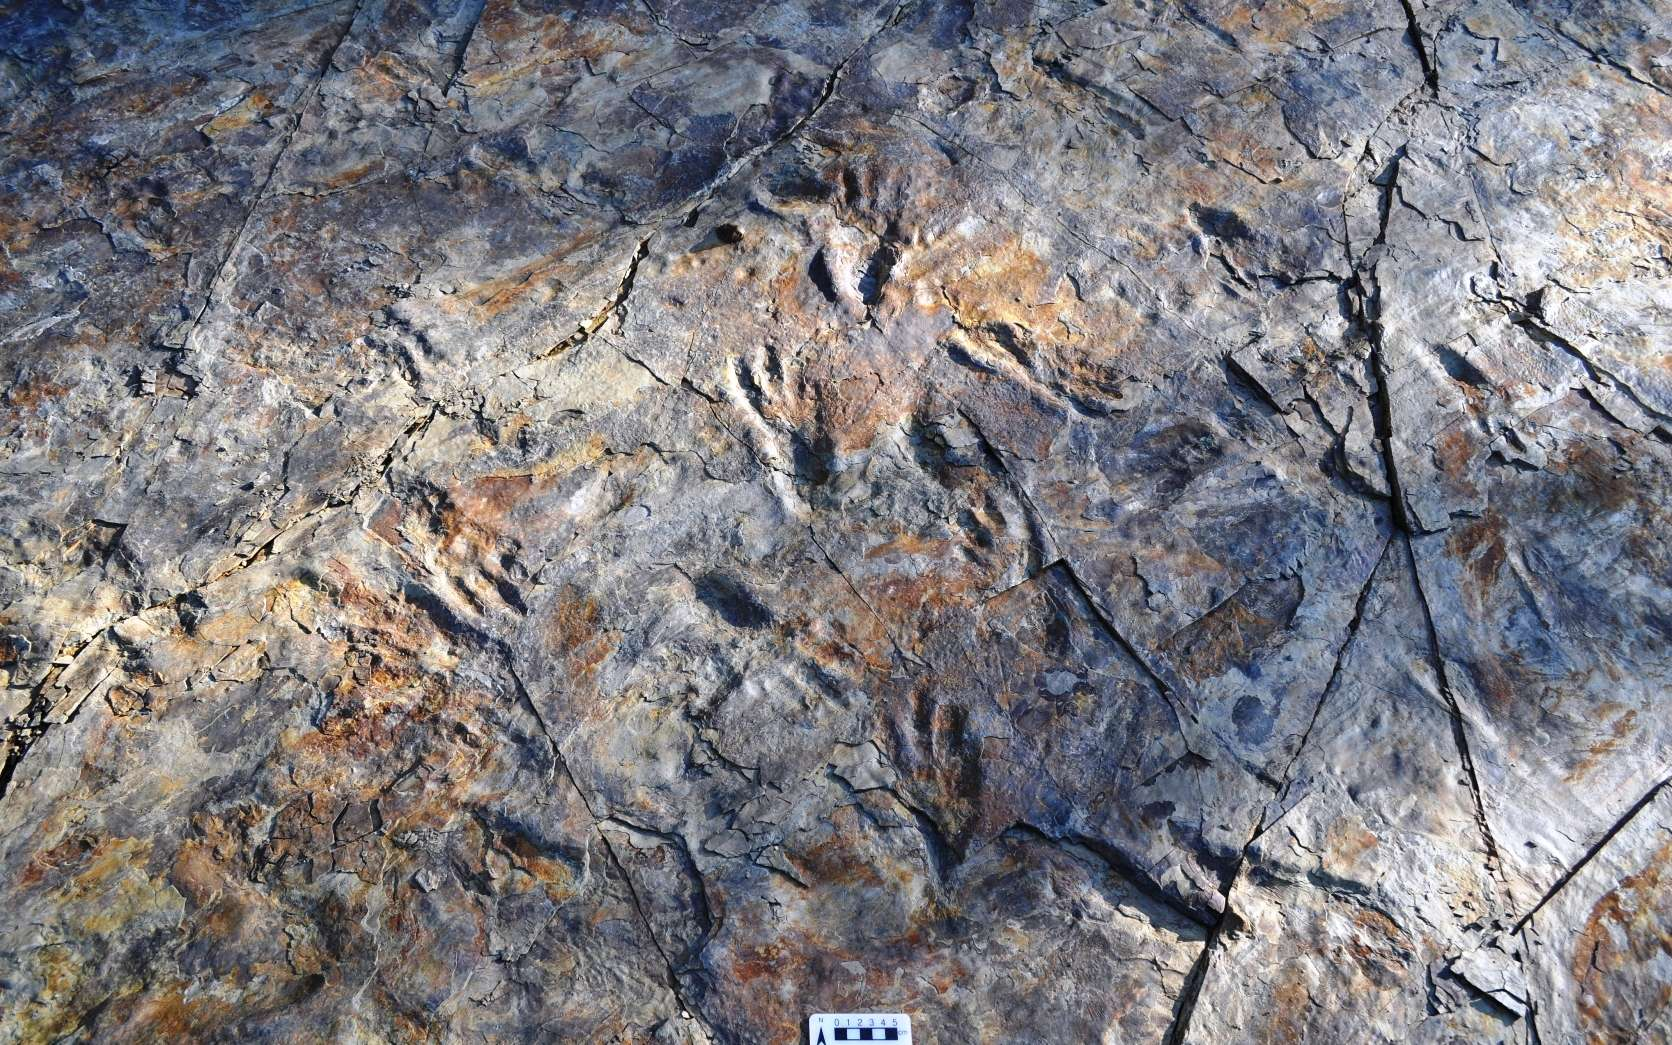 La piste montrant les traces de pas de crocodiles bipèdes du Crétacé sur le site de Sacheon Jahye en Corée du Sud. © Seul Mi Bae